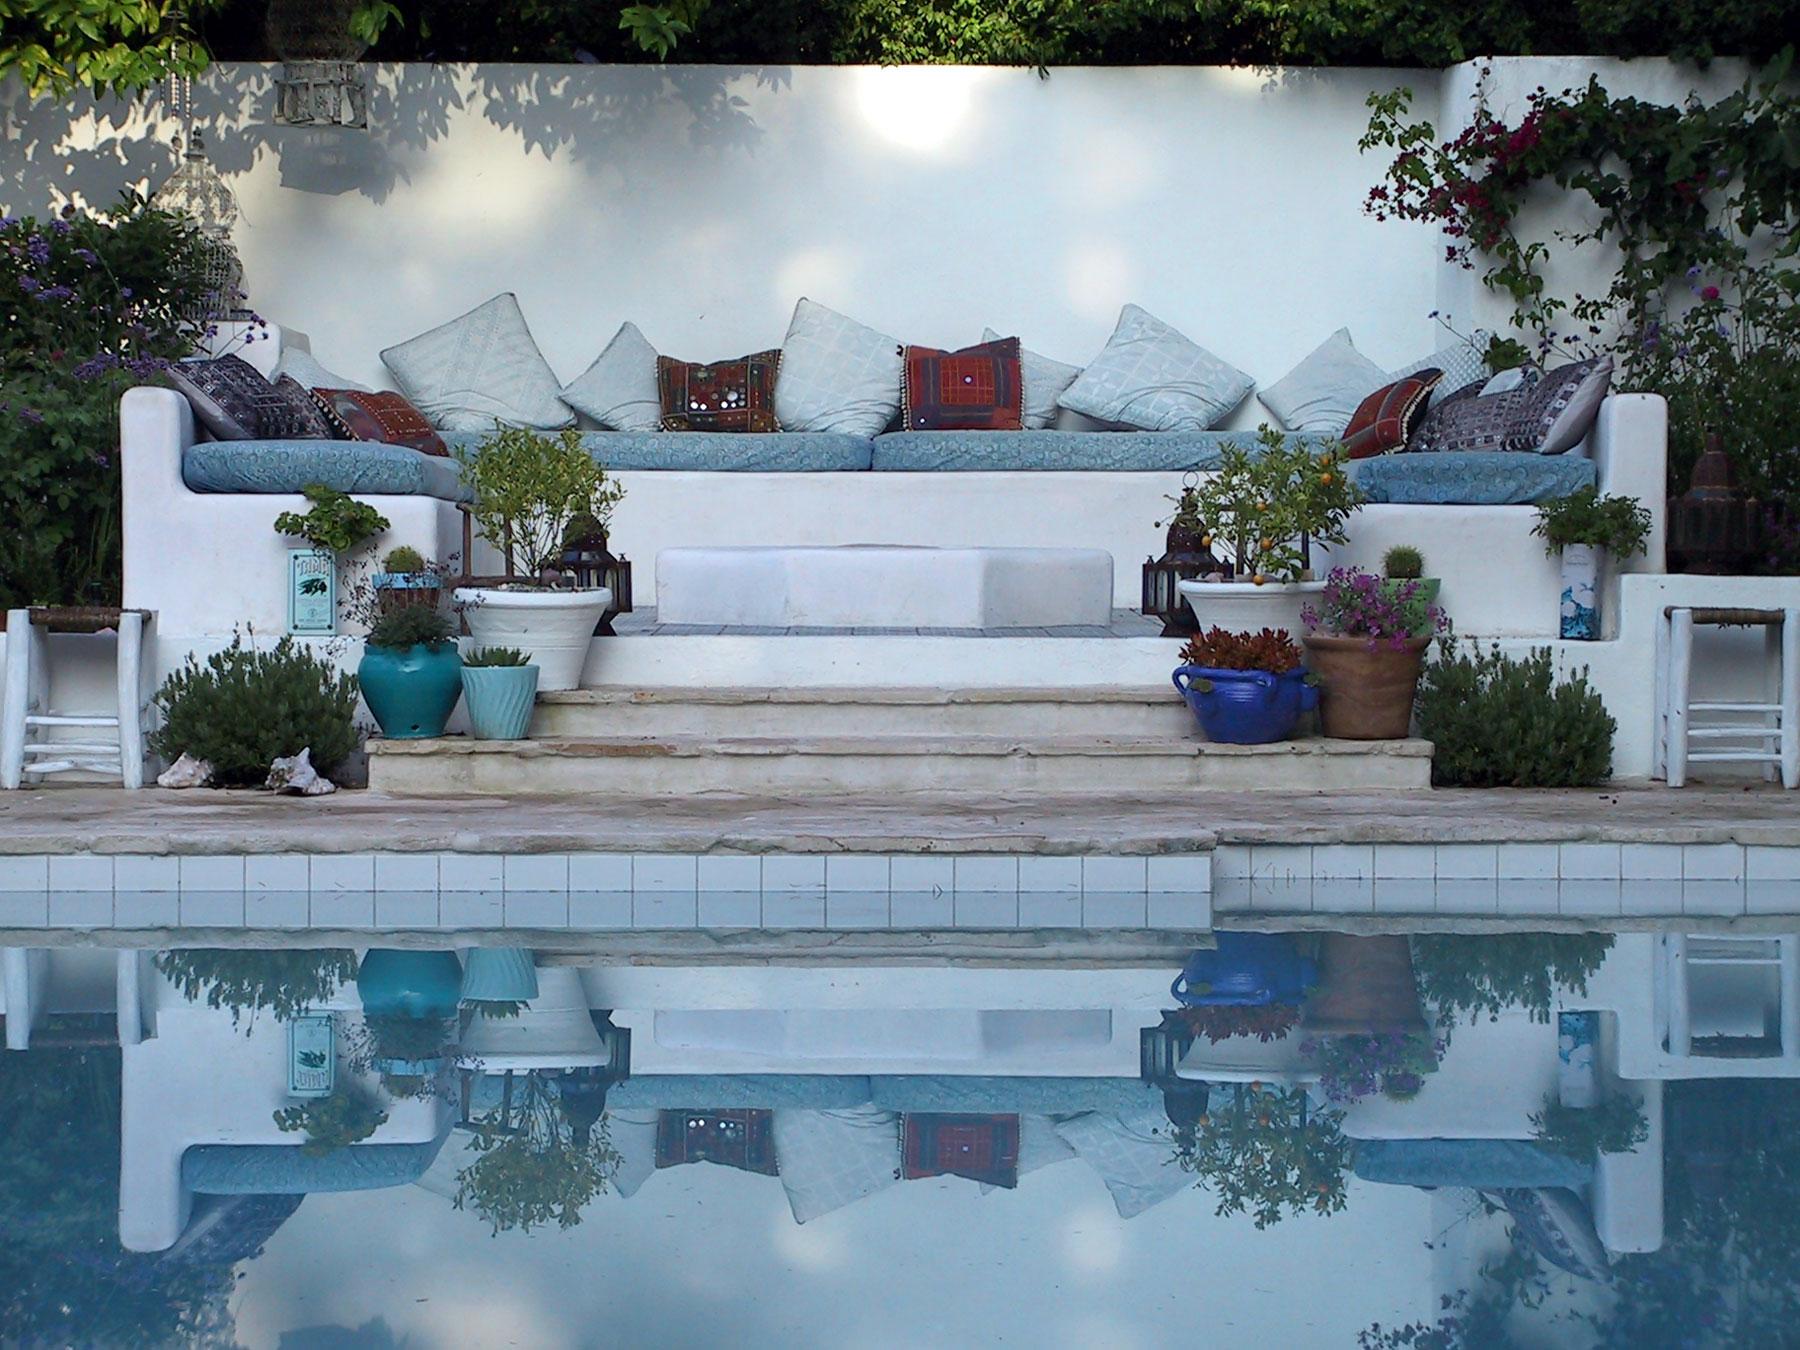 Ozeta House: Portfolio | Mediterranean Style Design - Greek Accents